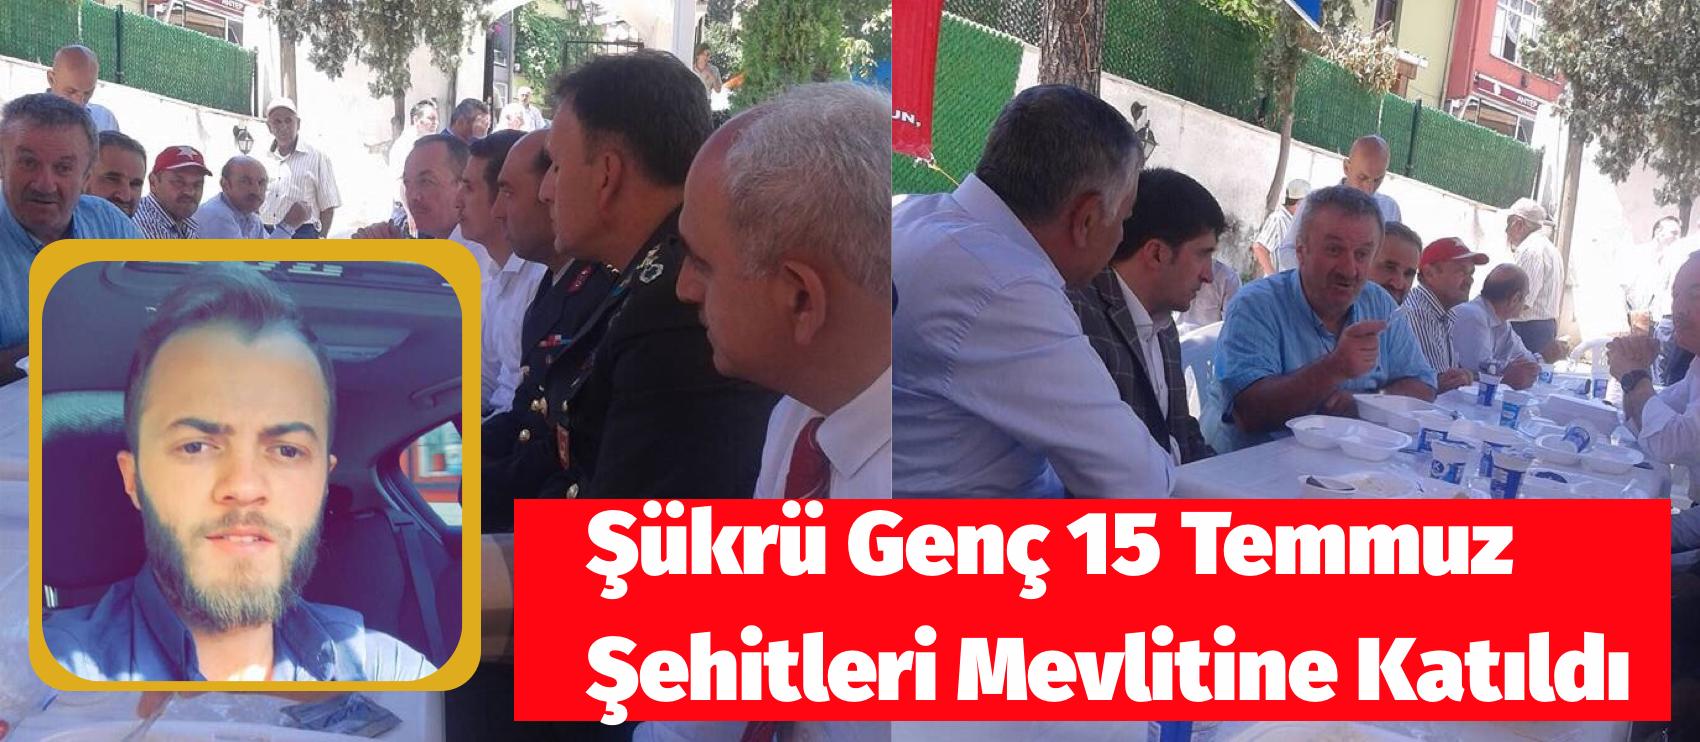 Şükrü Genç 15 Temmuz Şehitleri Mevlitine Katıldı